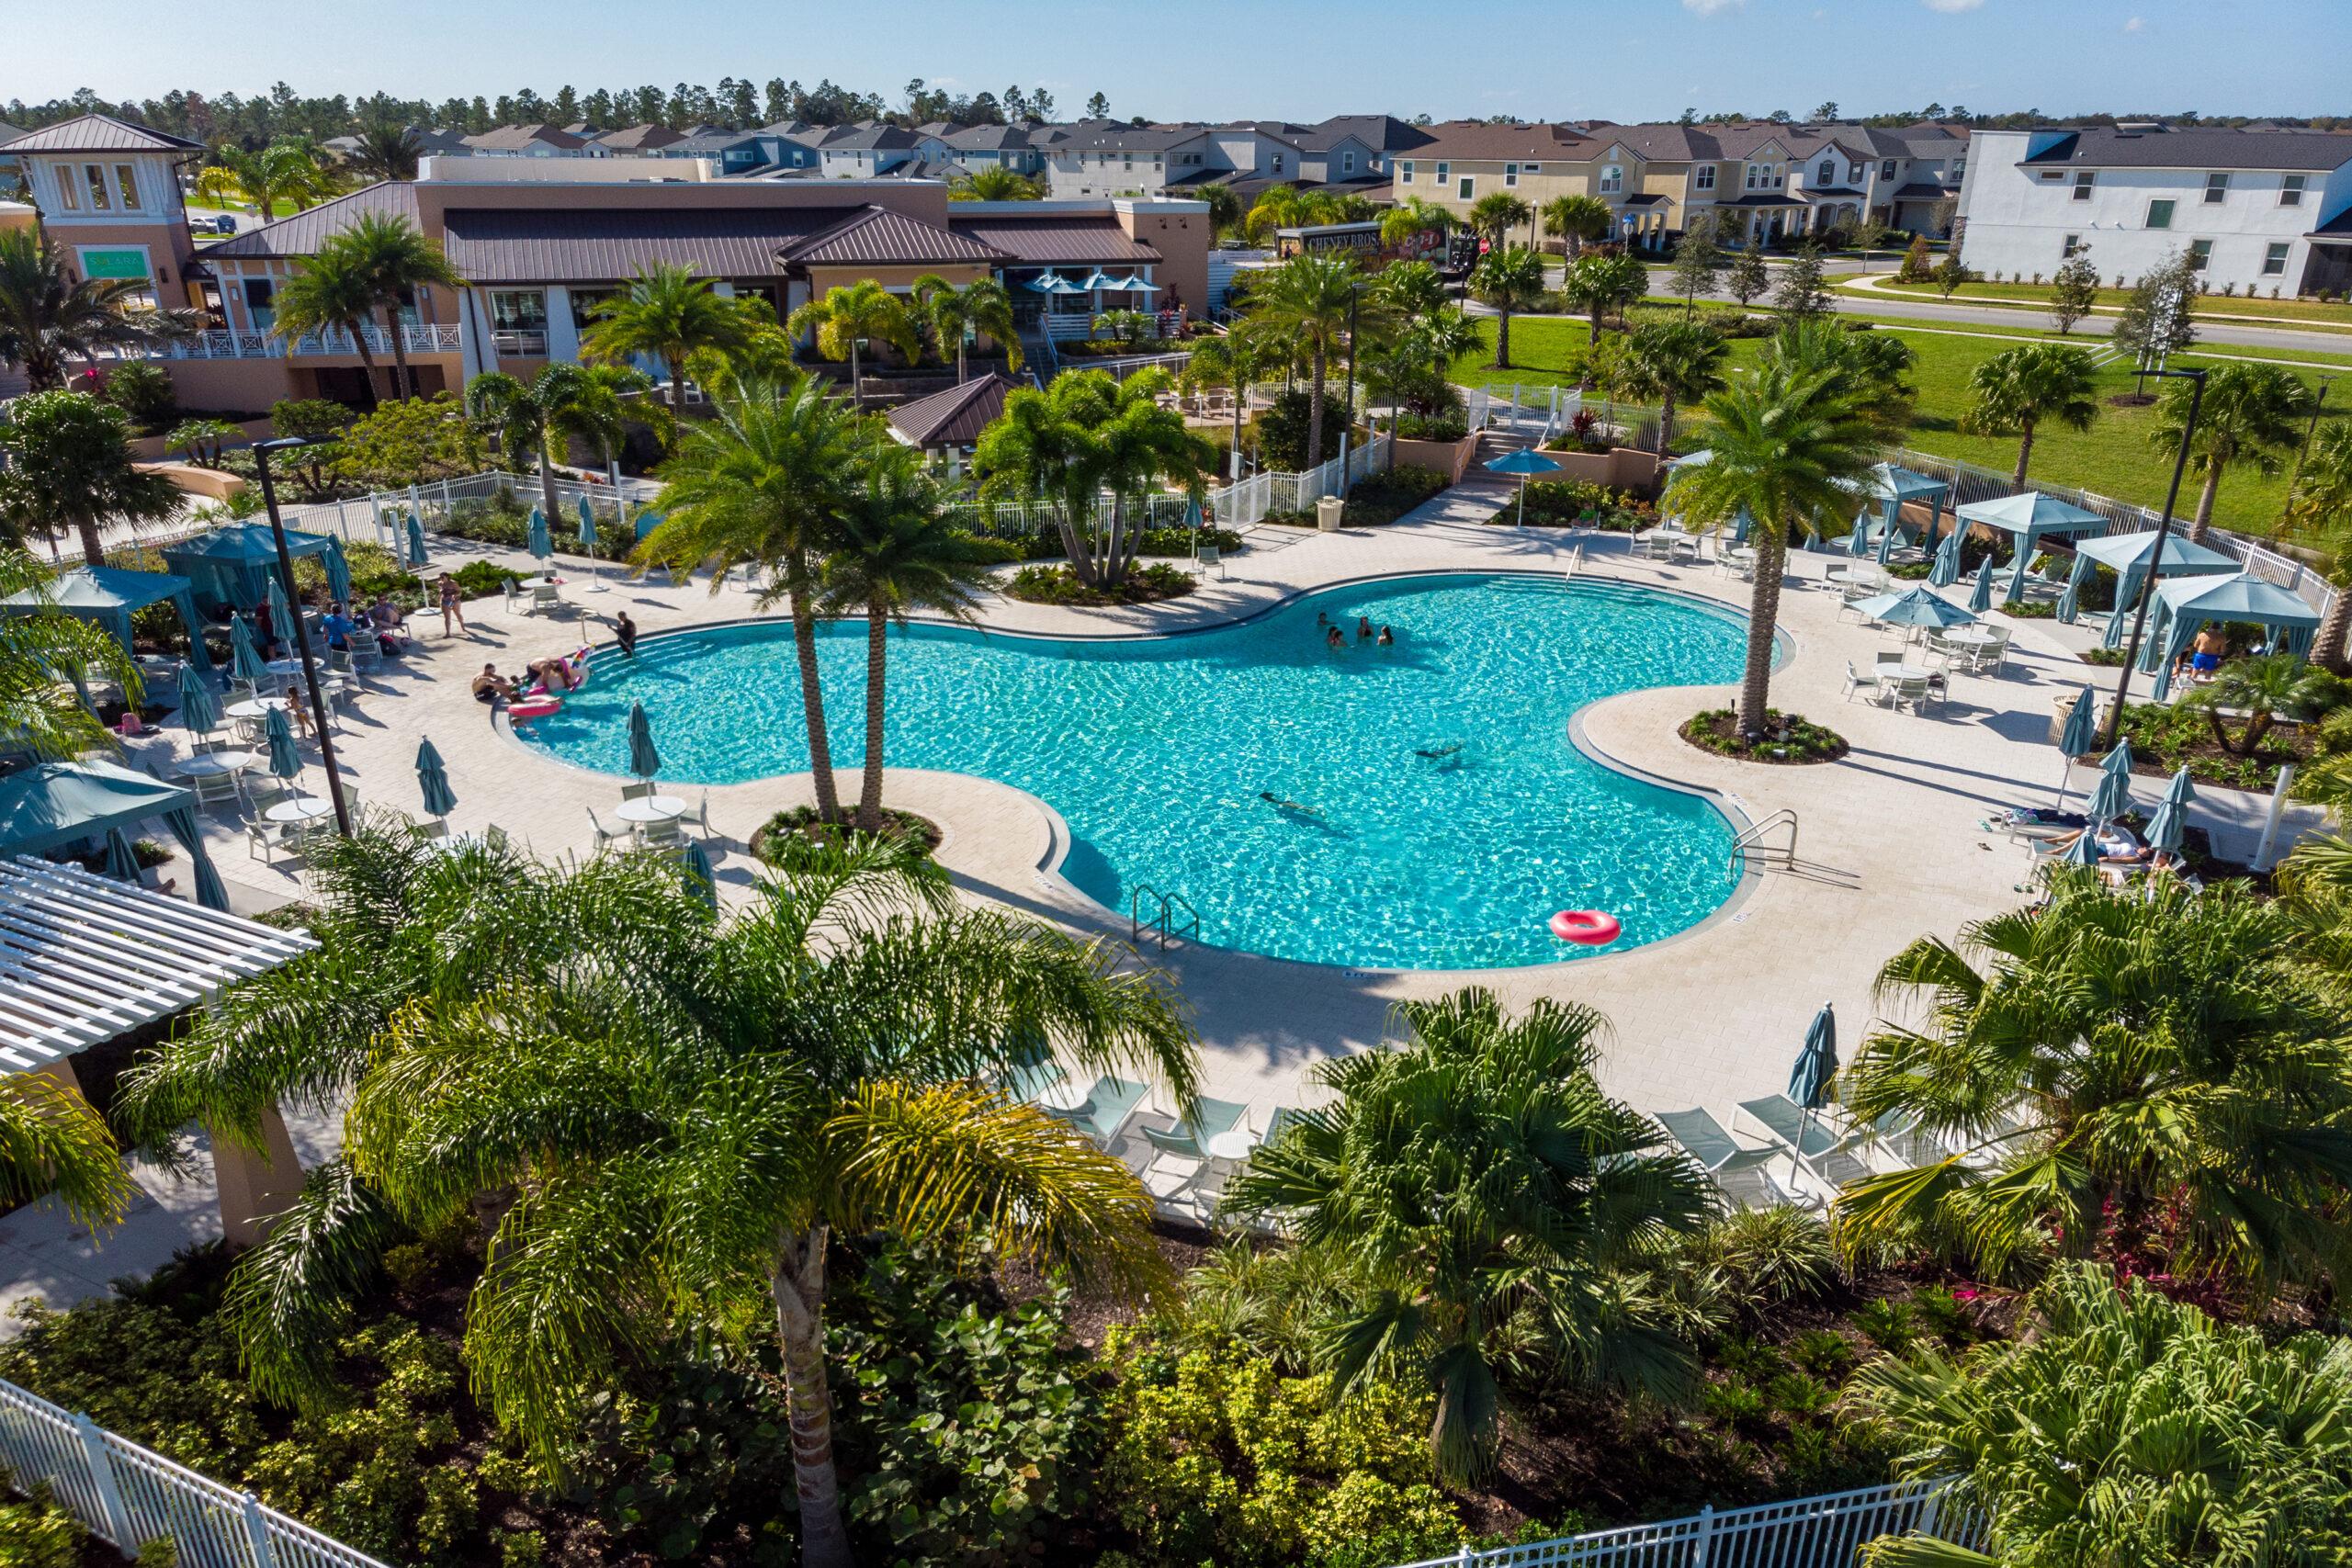 villa rentals in solara resort orlando